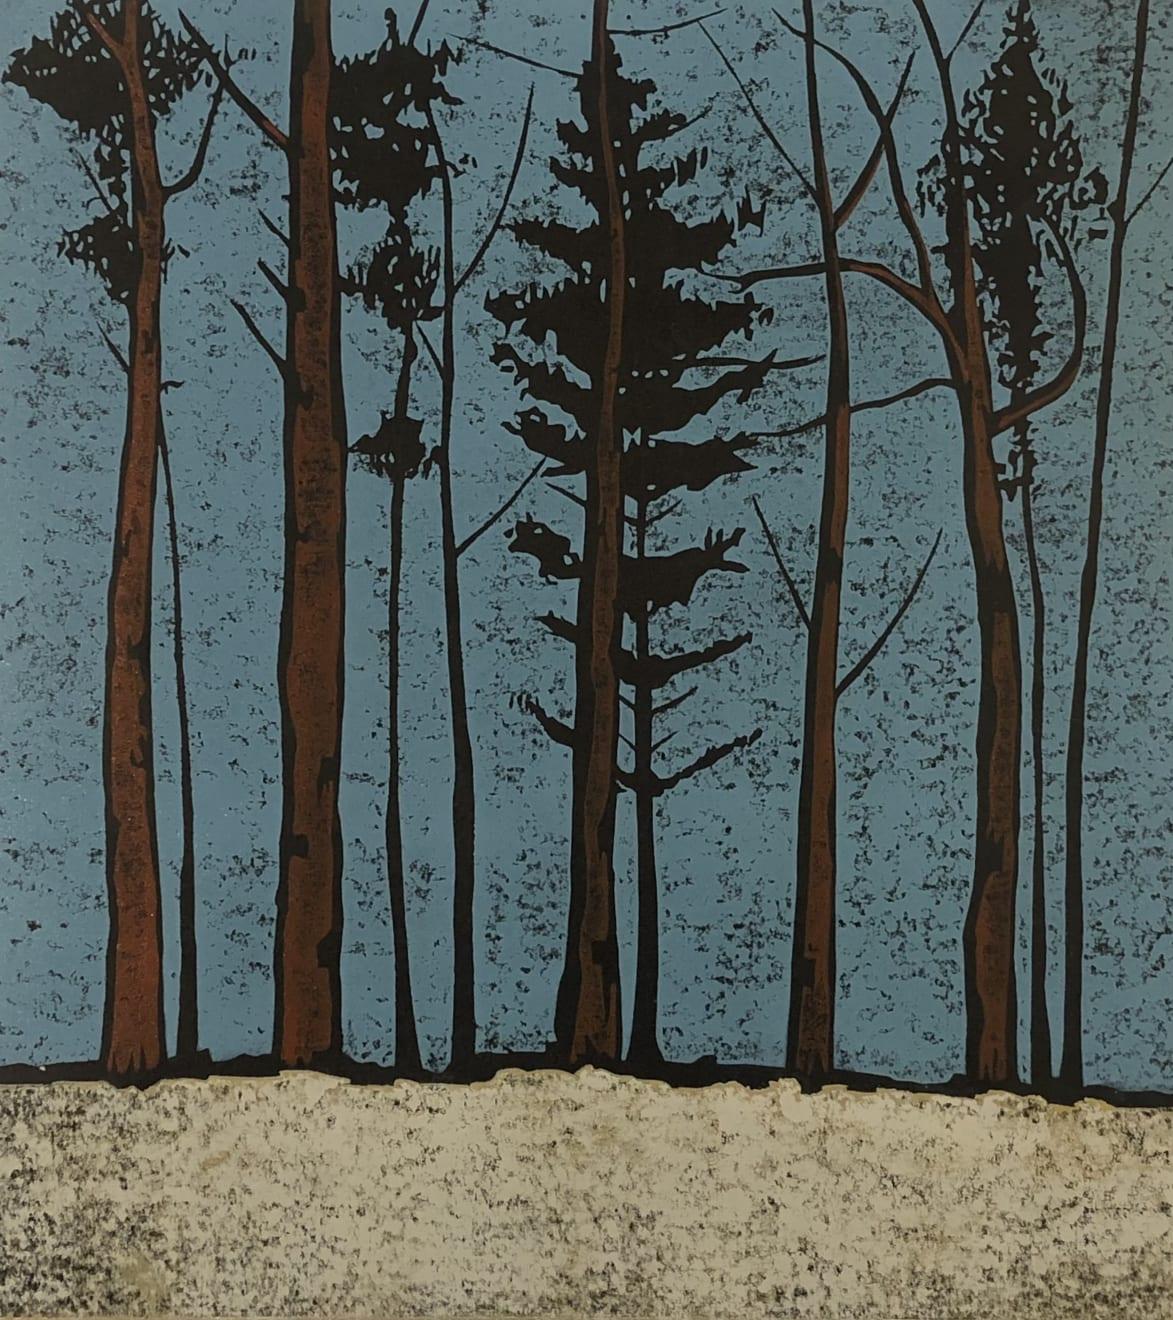 Paul Hogg, A Line of Trees (blue sky), 2016